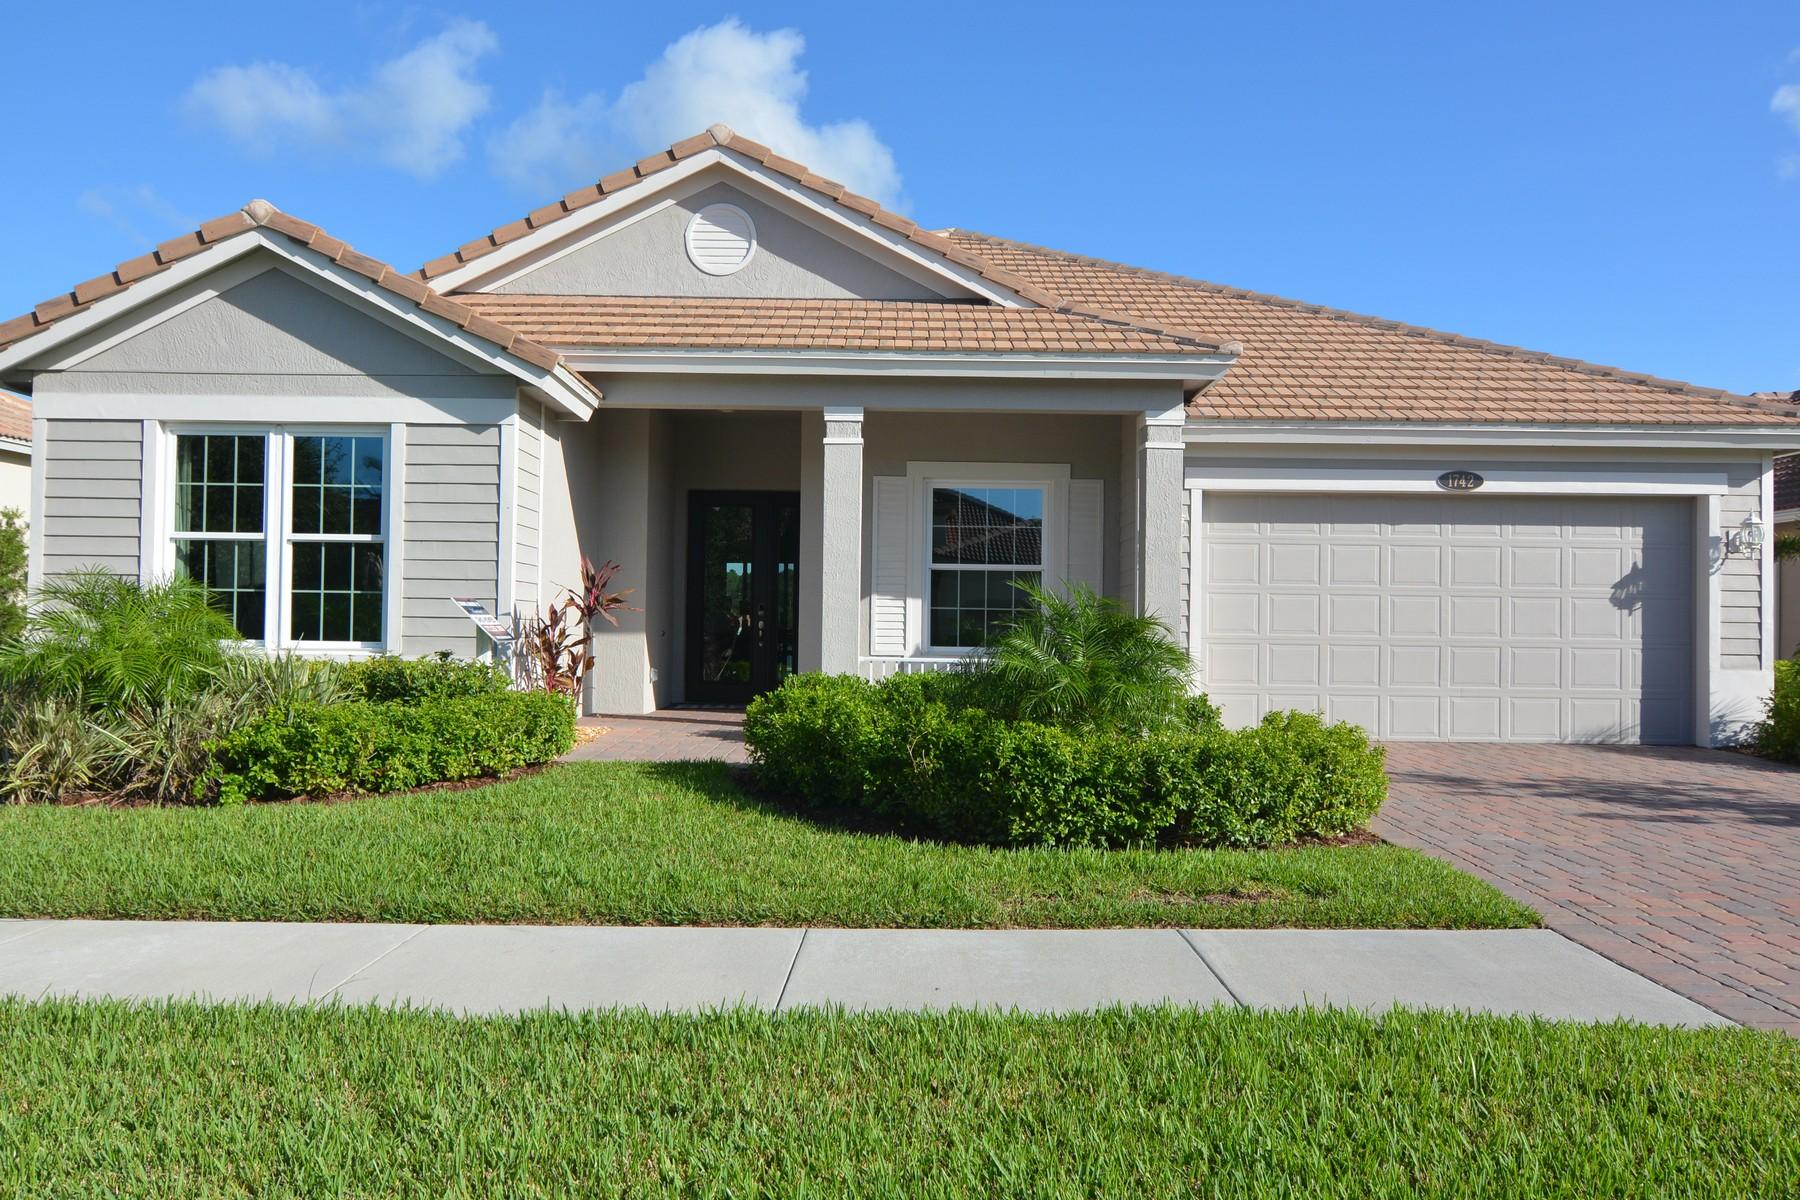 Maison unifamiliale pour l Vente à Outstanding Home in Millstone Landing 1742 Belmont Circle Vero Beach, Florida, 32968 États-Unis